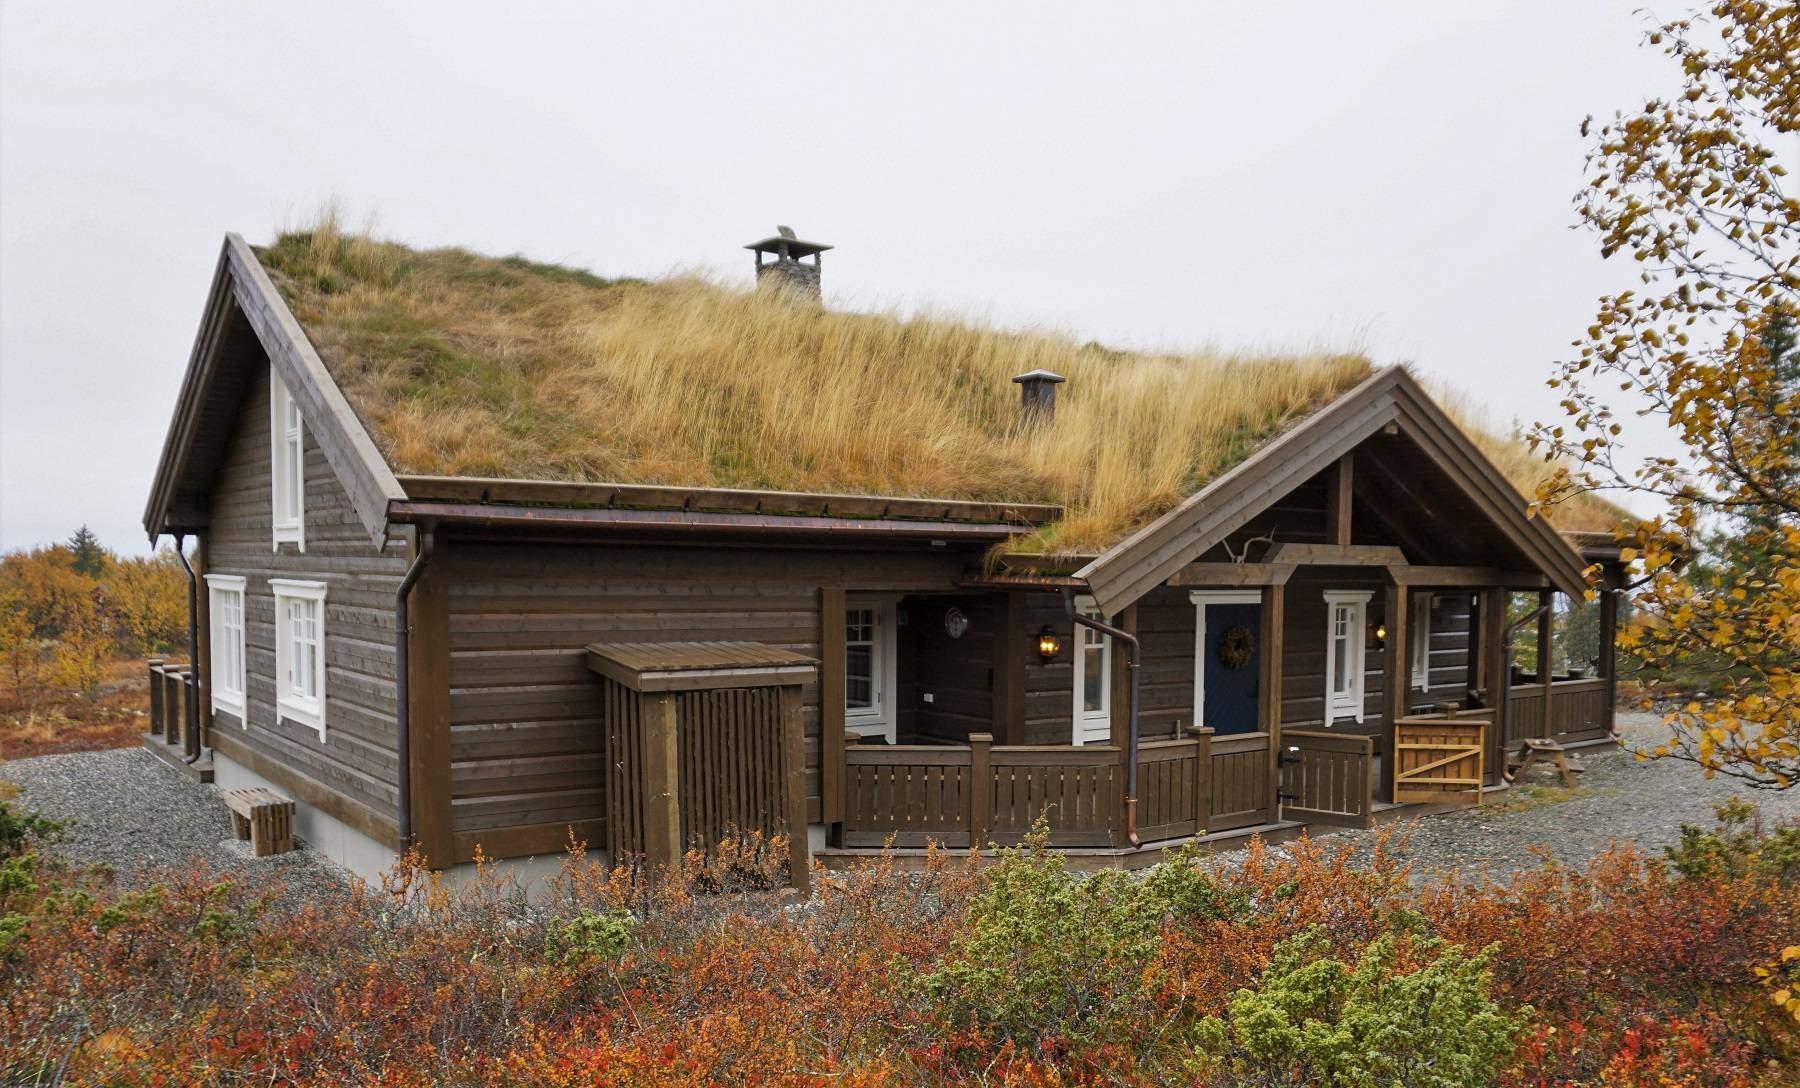 340 Gålå – Hyttebilde – Hytte Hemsedal 120 – Hytteleverandør Tiurtoppen Hytter